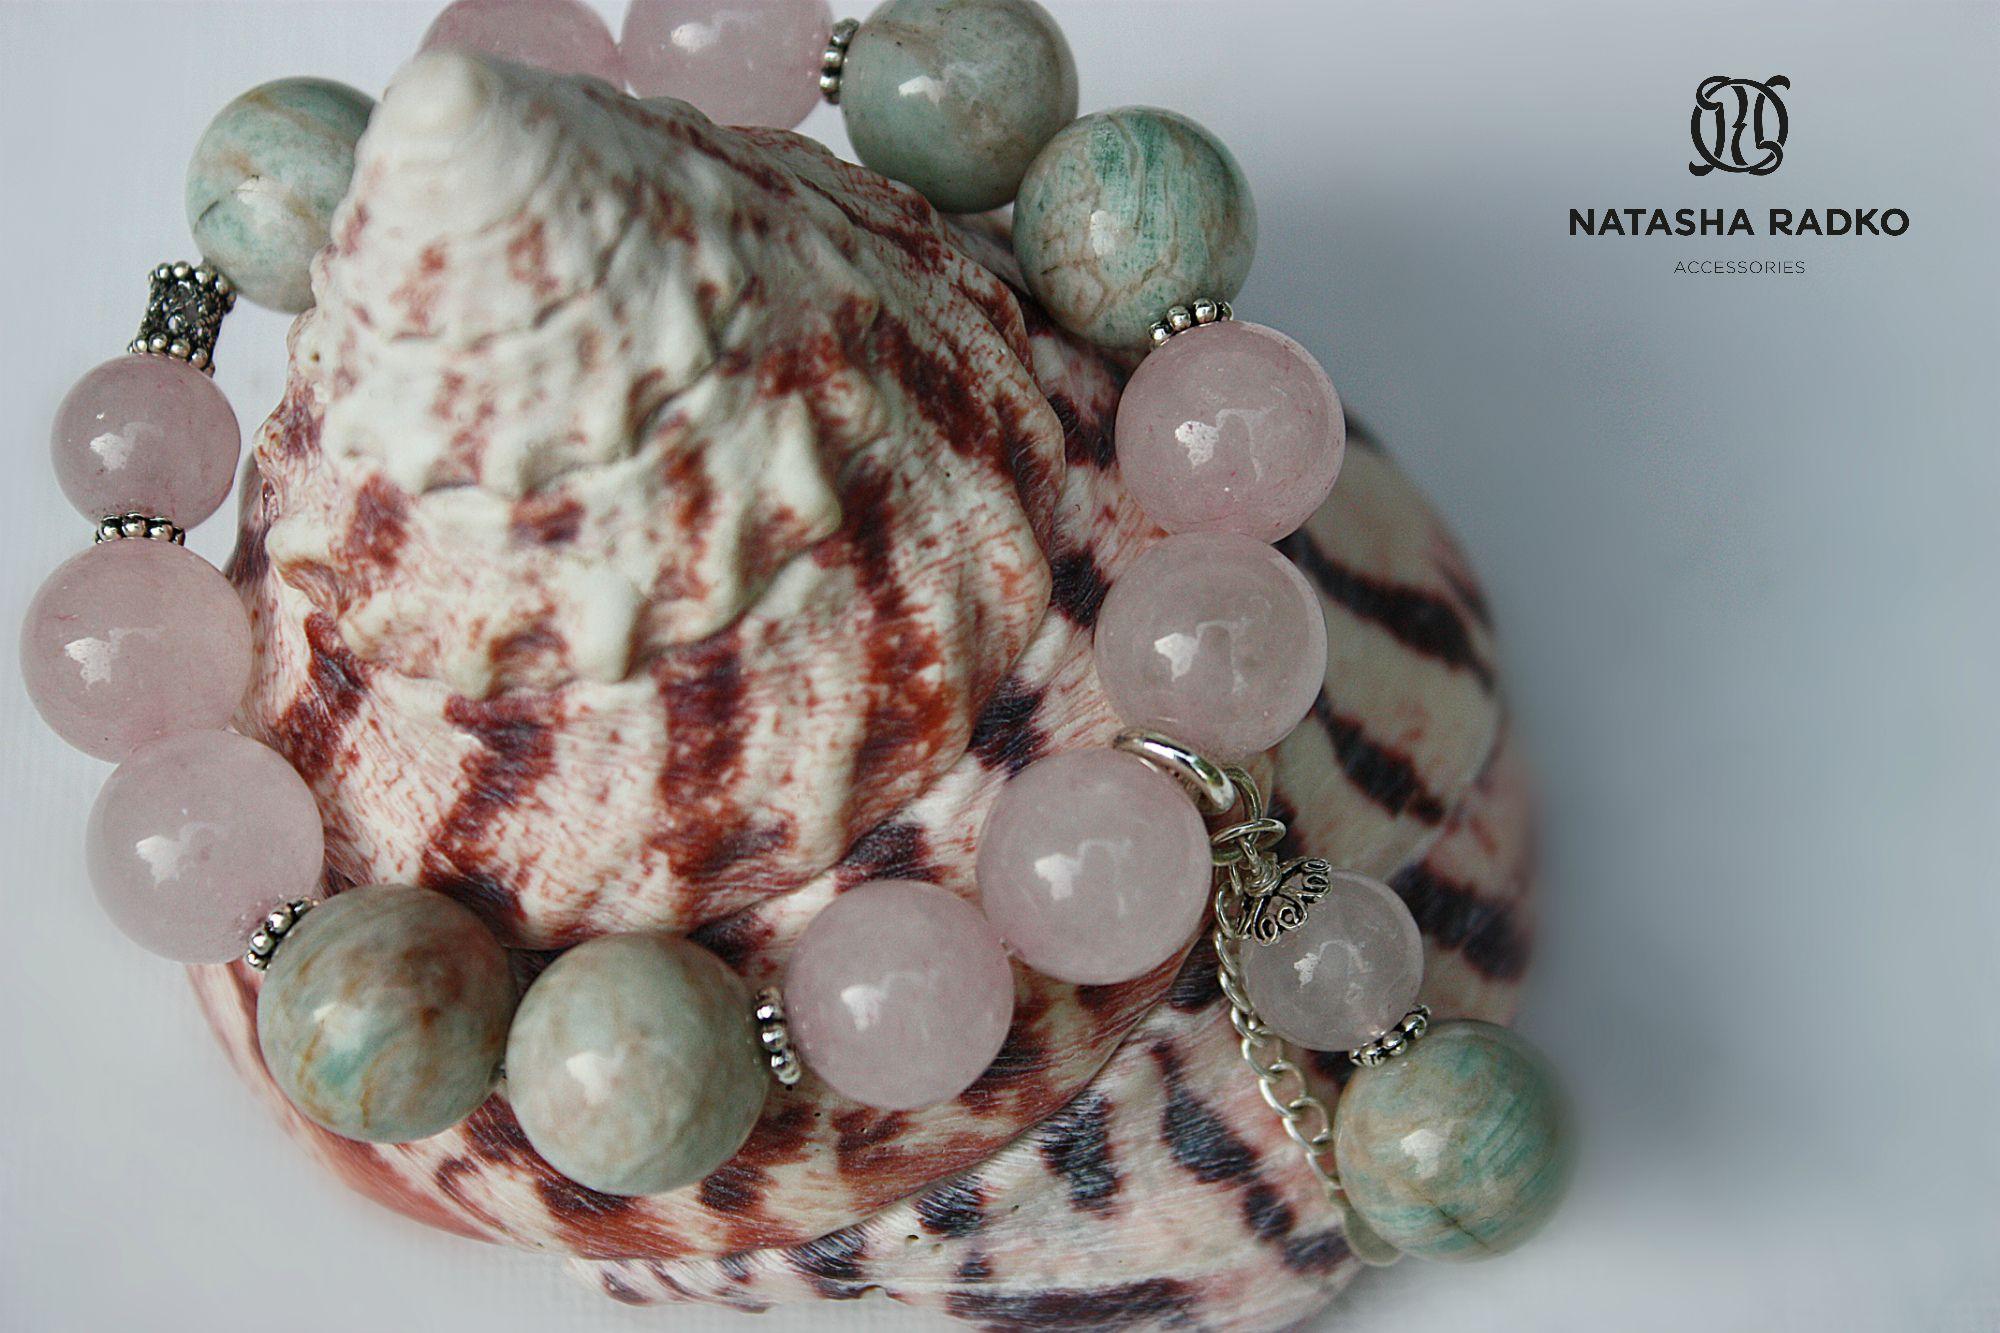 подарок браслет кварц розовый украшение серебро камни амазонит натуральные